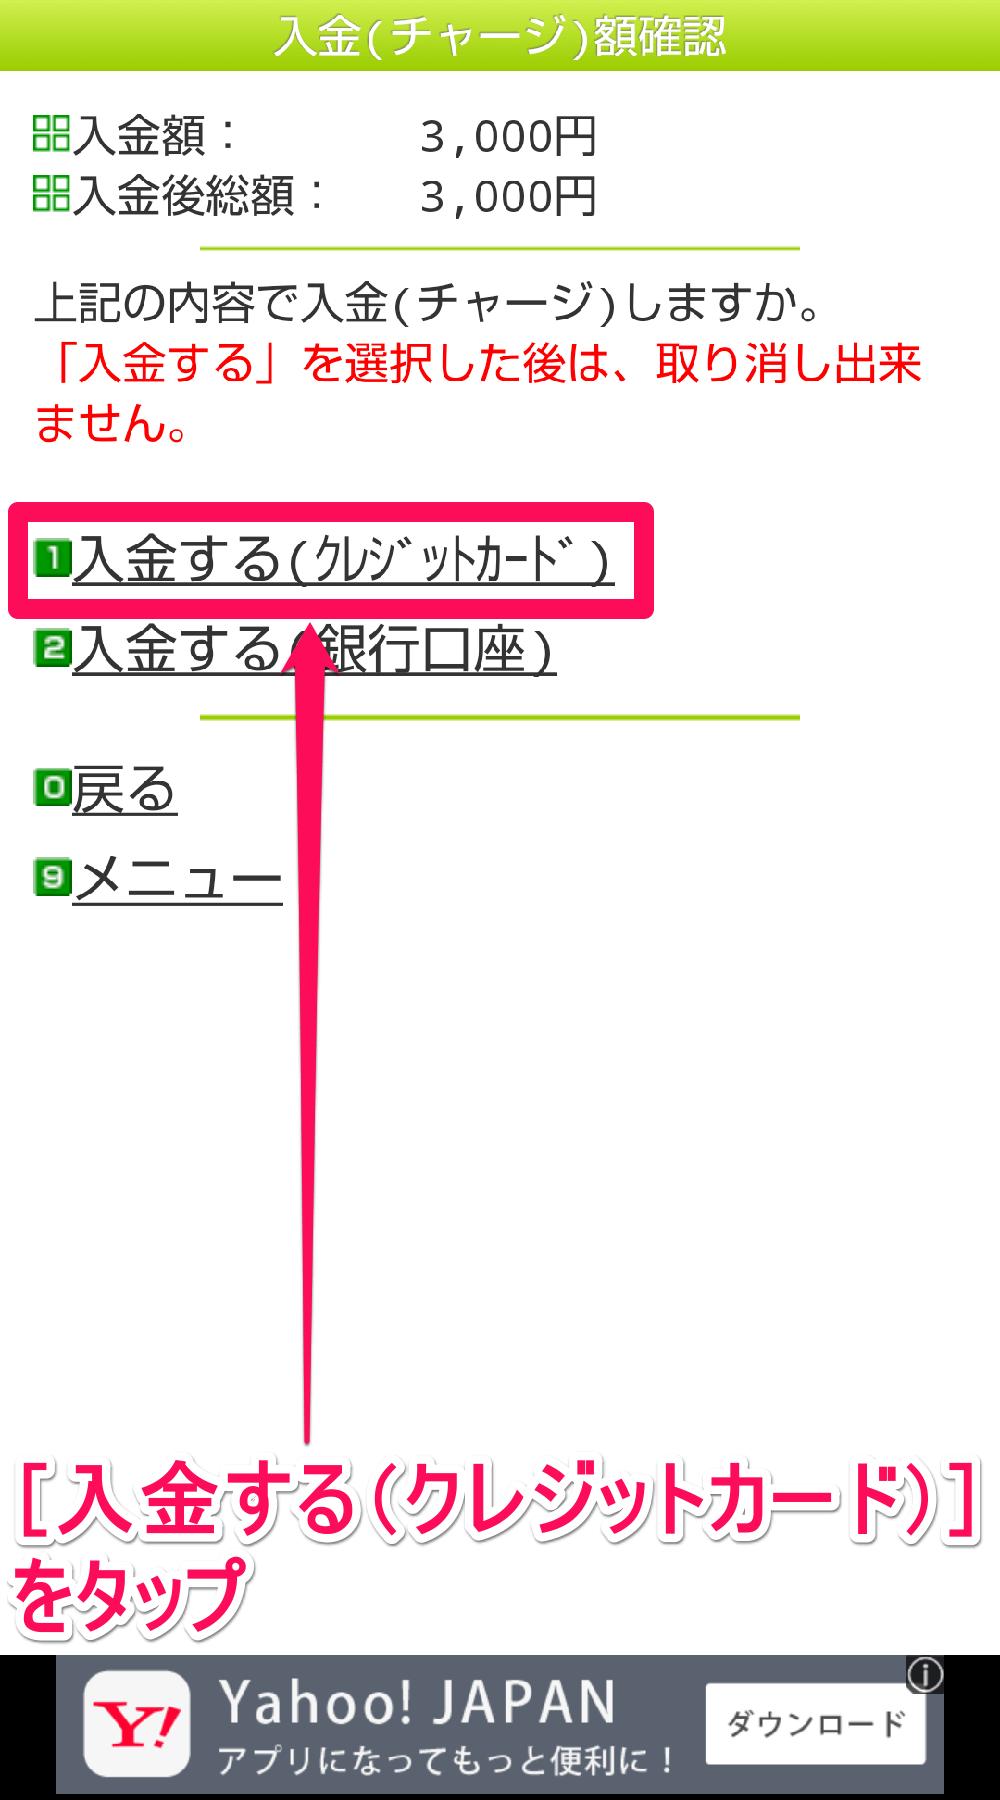 Android(アンドロイド)スマートフォン版「モバイルSuica」アプリの「入金(チャージ)額確認」画面